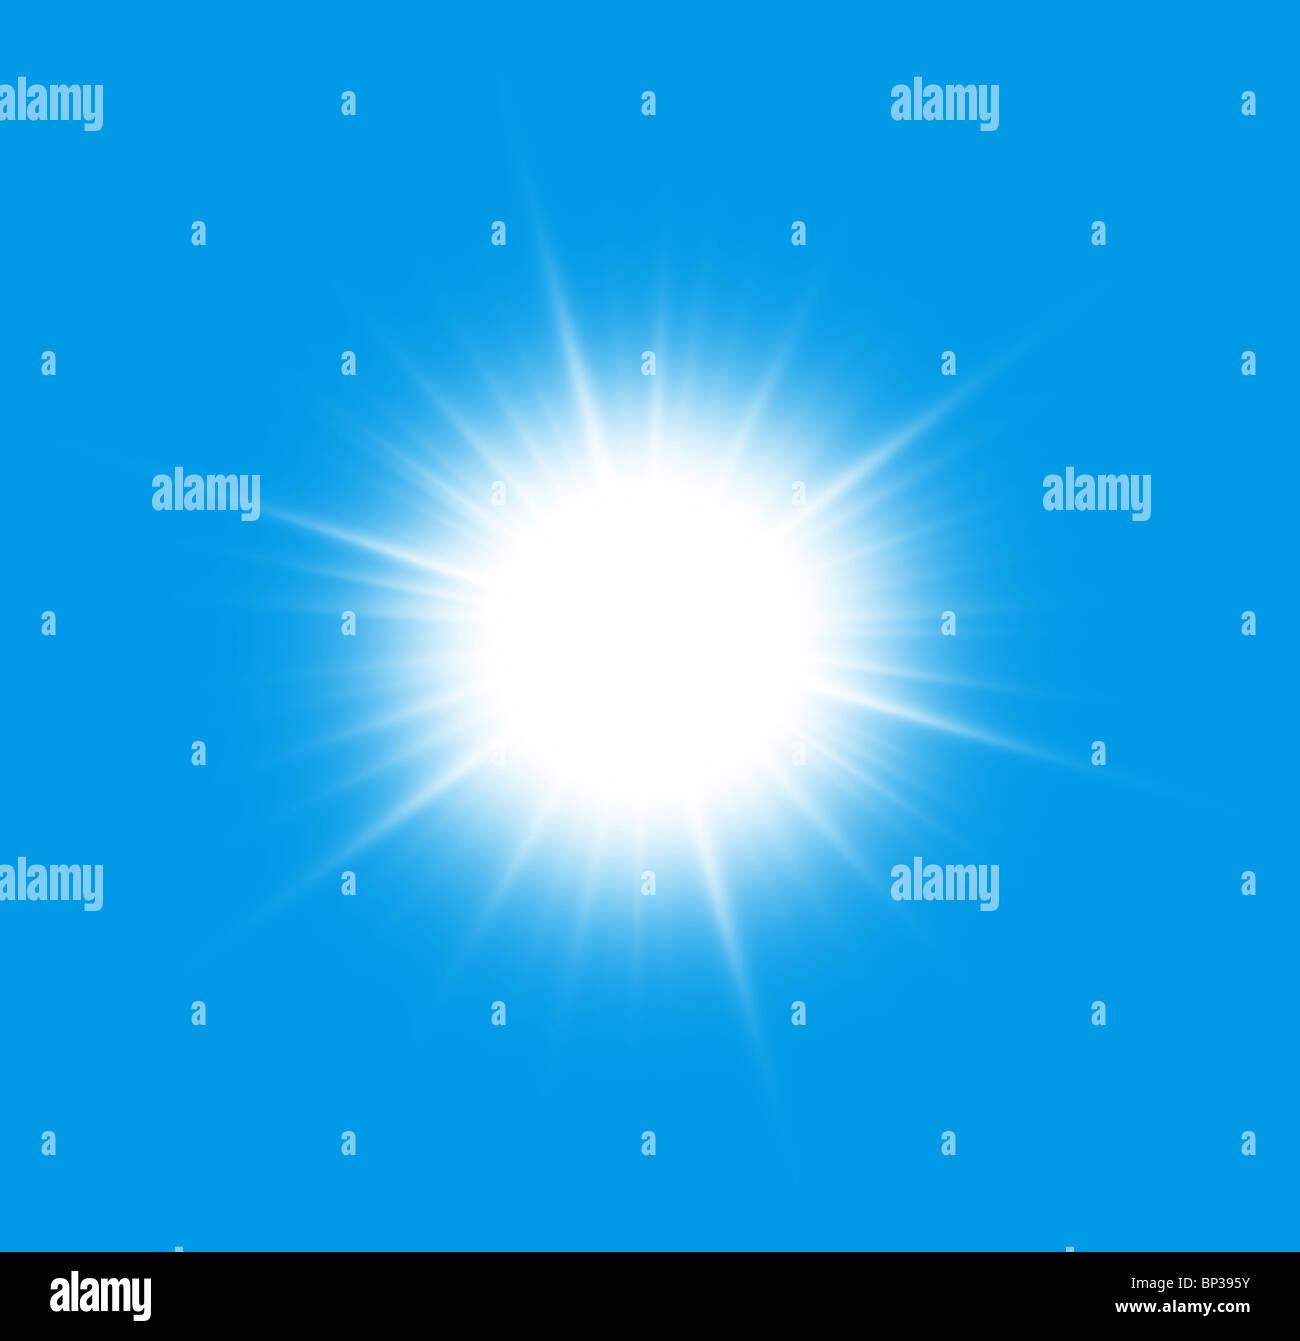 Nah an der Sonne auf blauem Grund. Stockbild